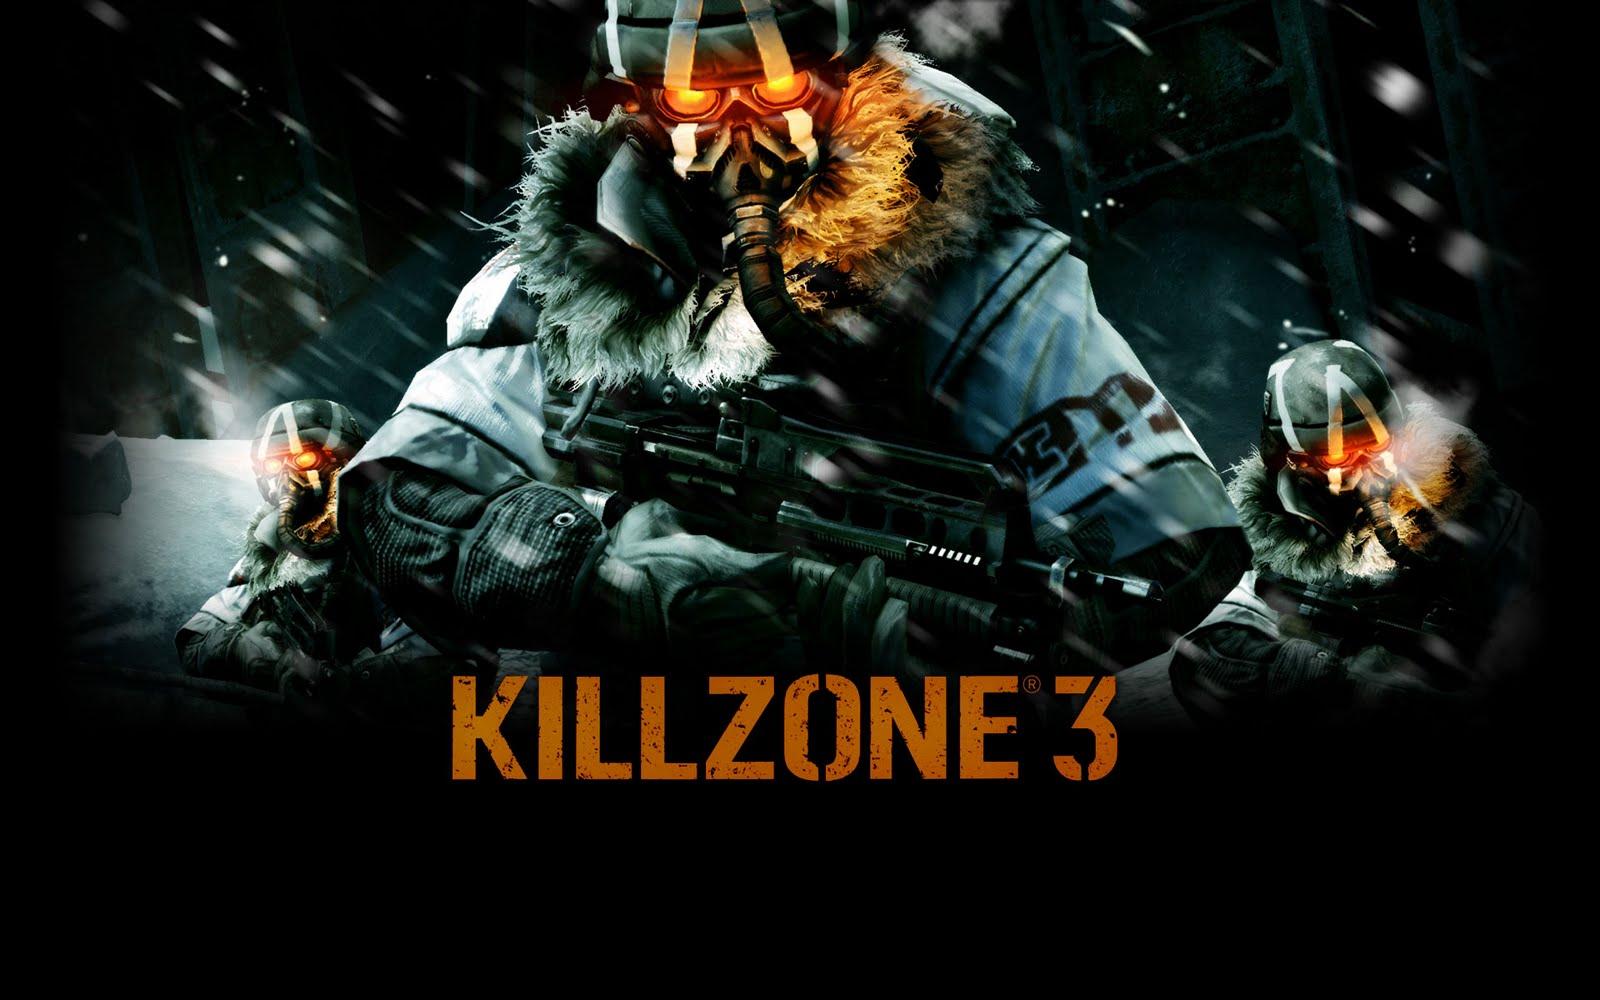 http://1.bp.blogspot.com/-m1SSLGo9zPs/TWwlYp2Q2NI/AAAAAAAAA-k/03GZ48E97cc/s1600/killzone3wallpaper.jpg